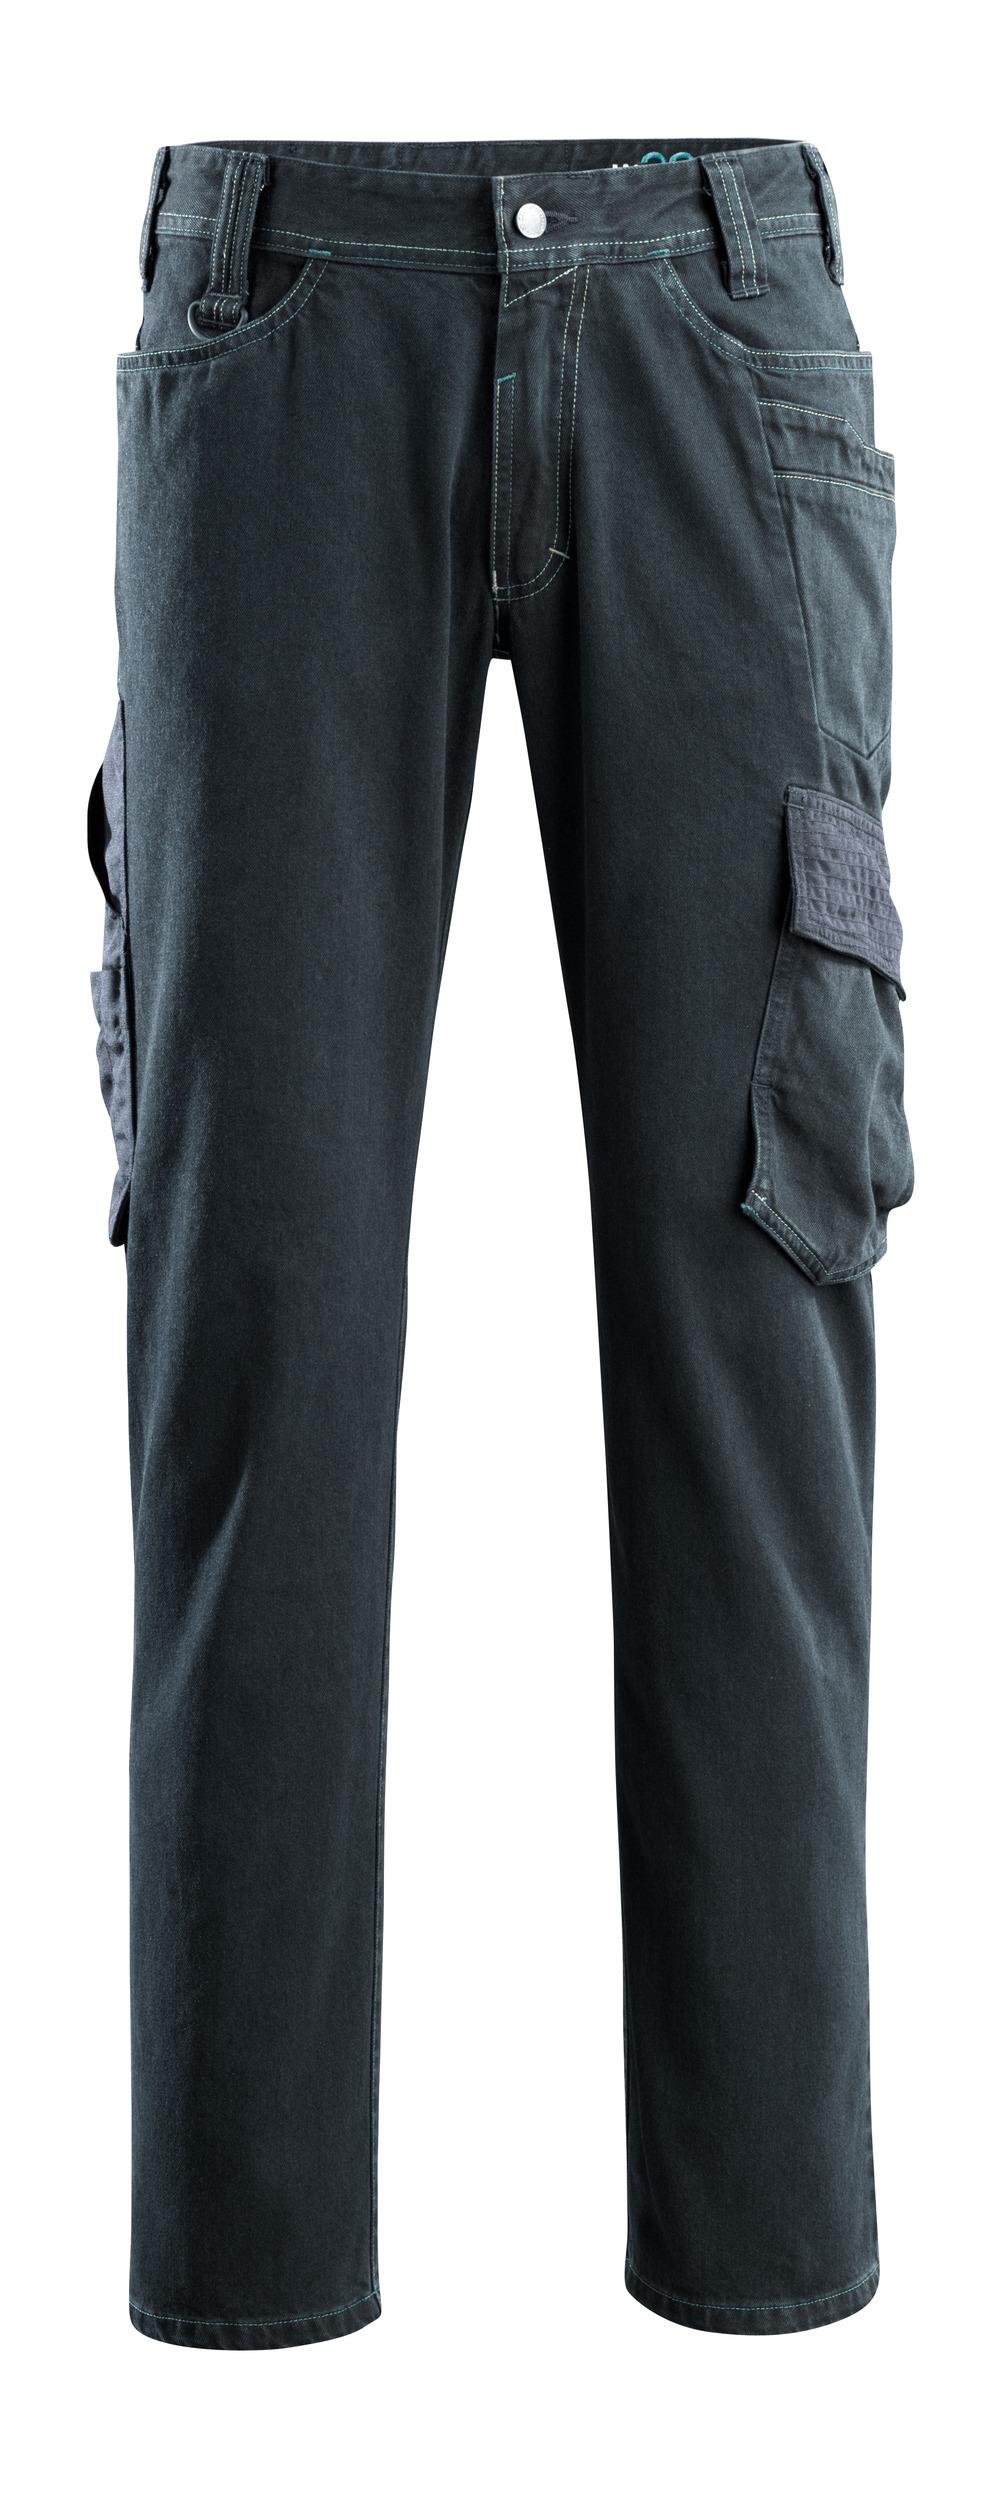 15279-207-86 Vaqueros con bolsillos de muslo - azul vaquero oscuro